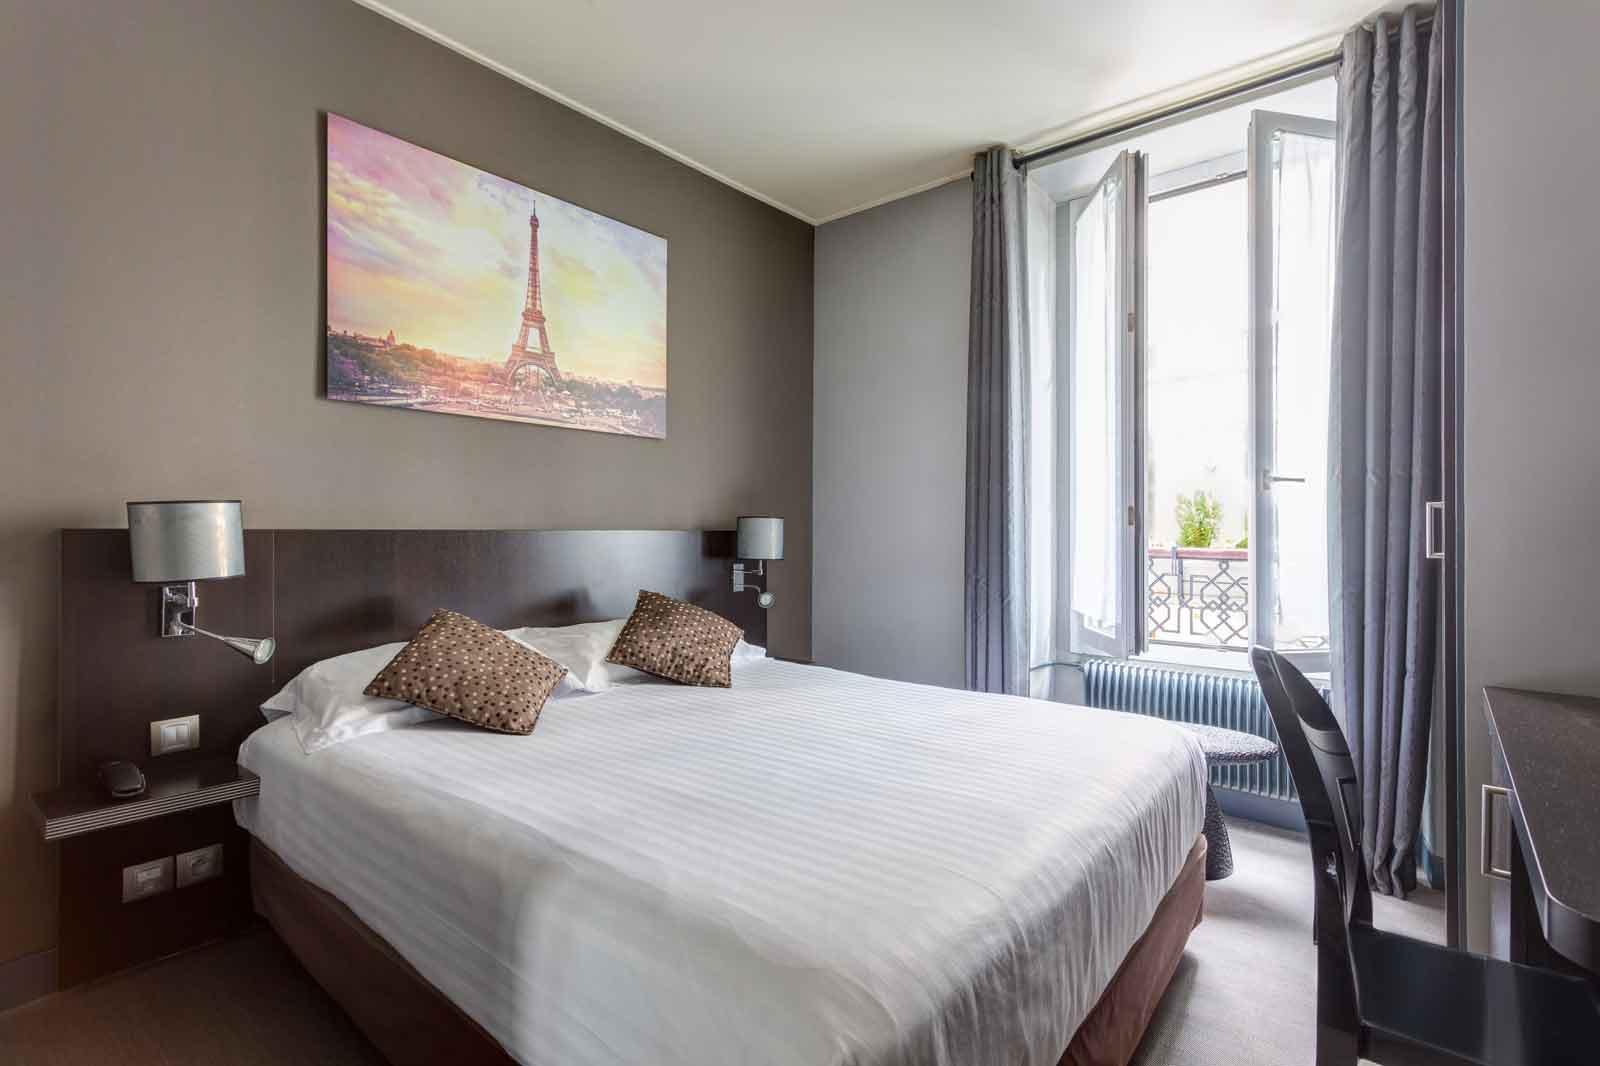 Chambre Double Baudelaire : Chambre double hotel jardin de villiers paris